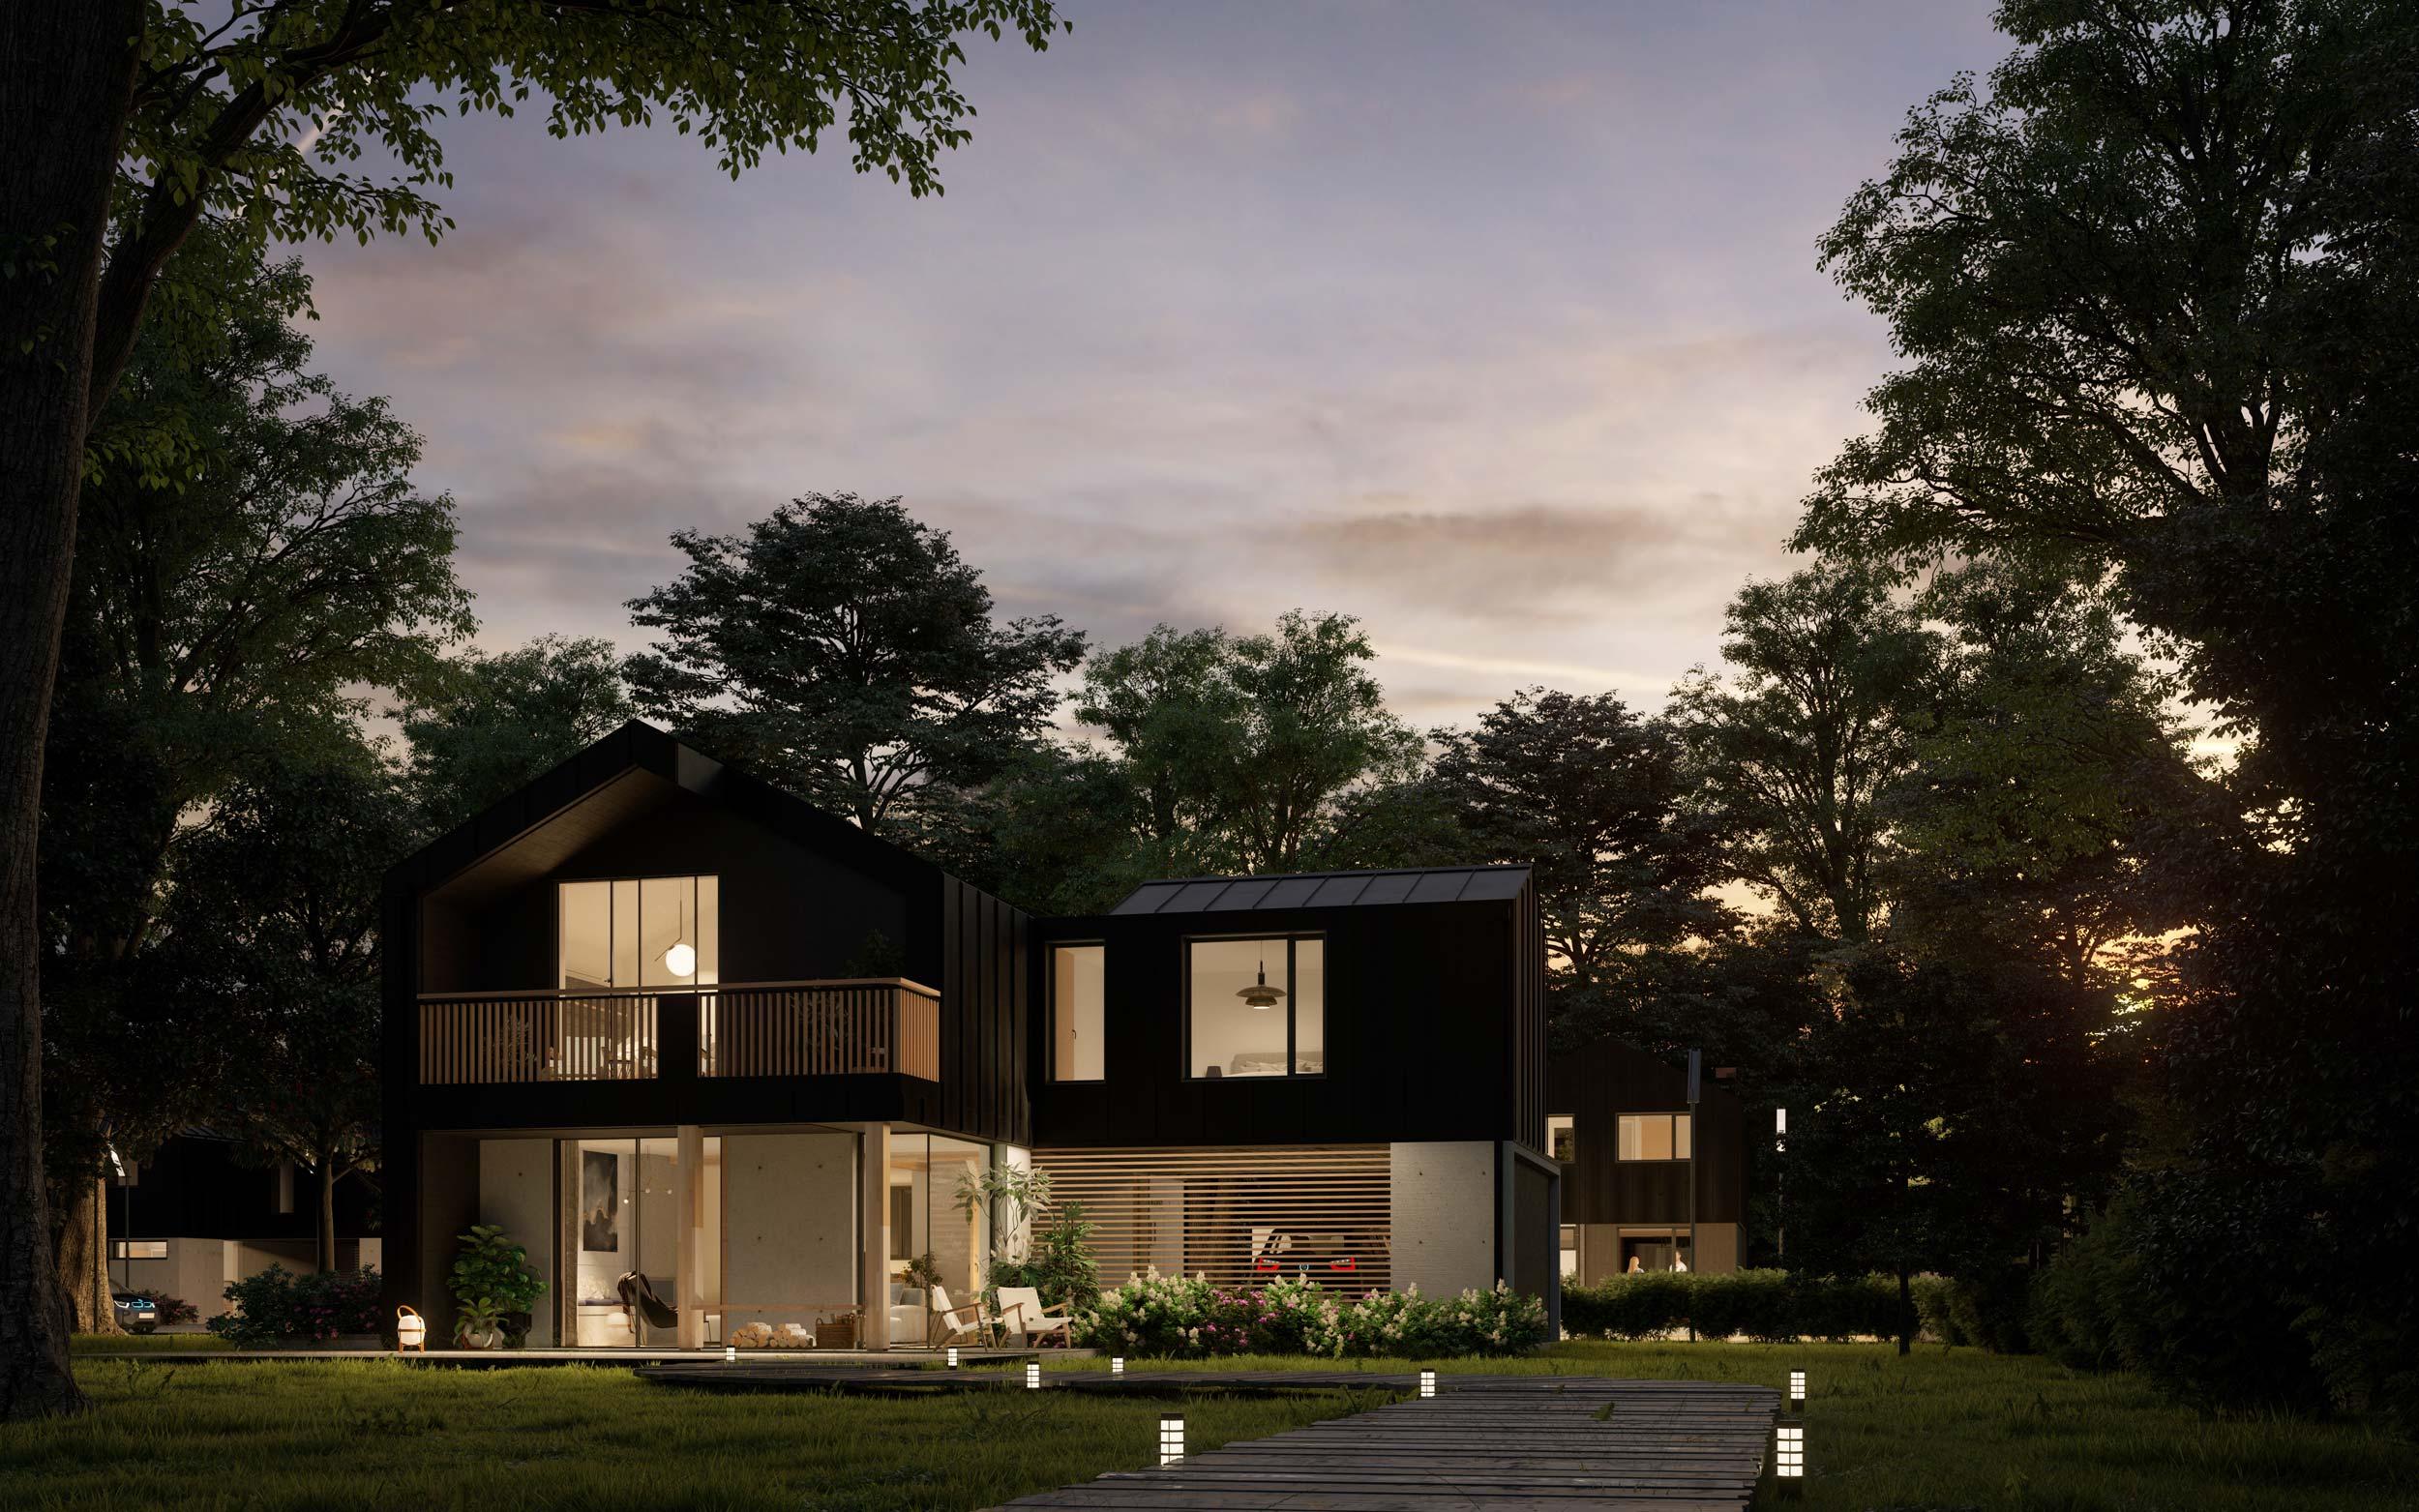 alex-kaiser-different-architecture-visualisation-cgi-london-render-04.jpg